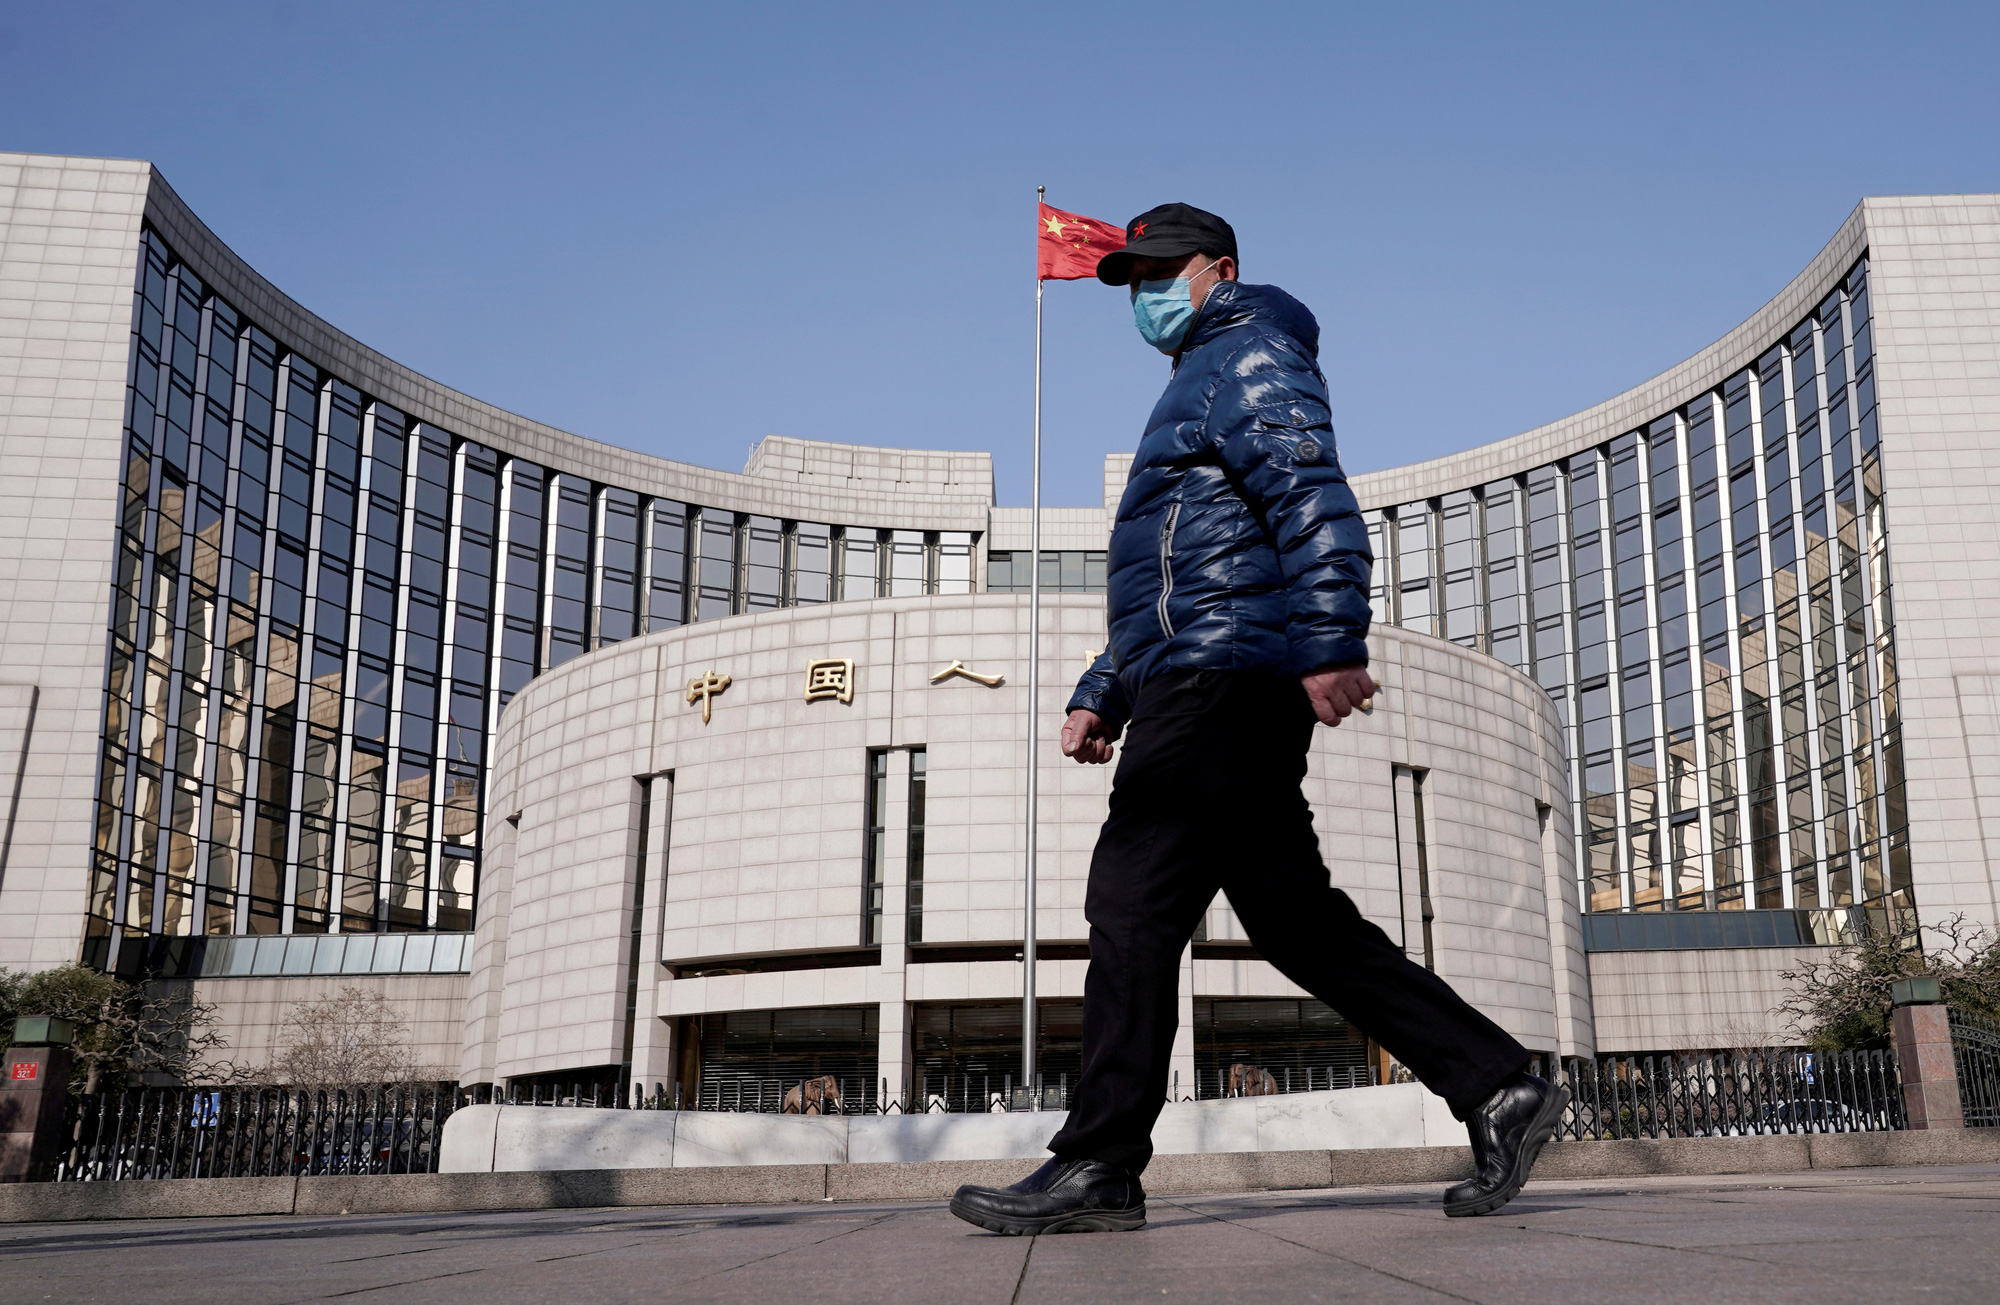 Bắc Kinh báo hiệu nới lỏng chính sách tiền tệ, có phải tăng trưởng kinh tế Trung Quốc đang giảm tốc? - Ảnh 1.